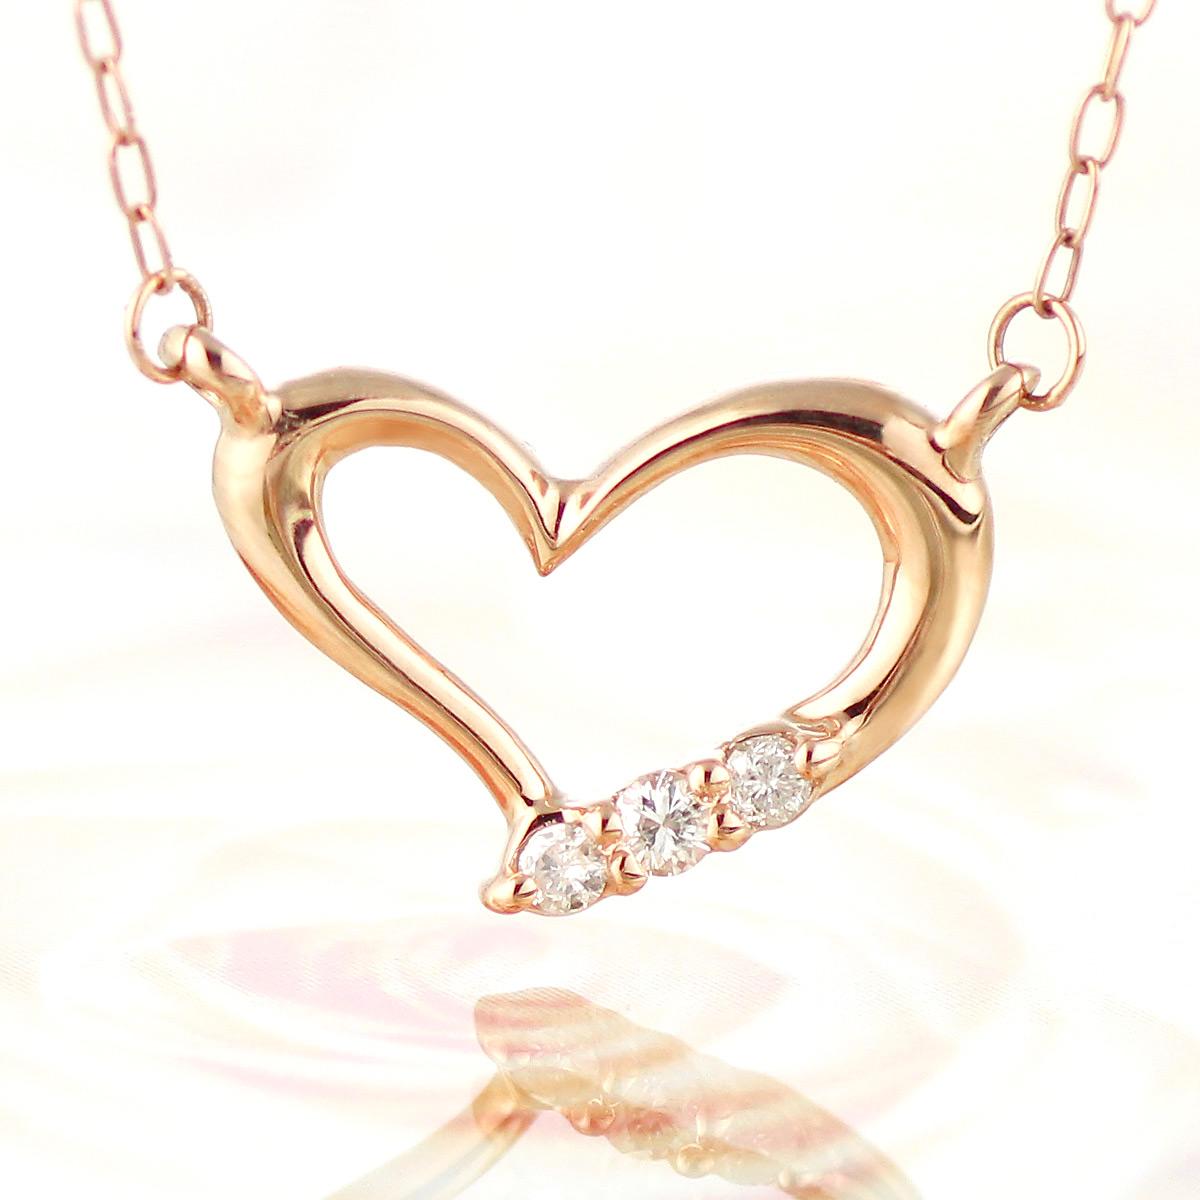 ハート ネックレス K10 ピンクゴールドダイヤモンド 10金 ペンダントネックレス【あす楽】